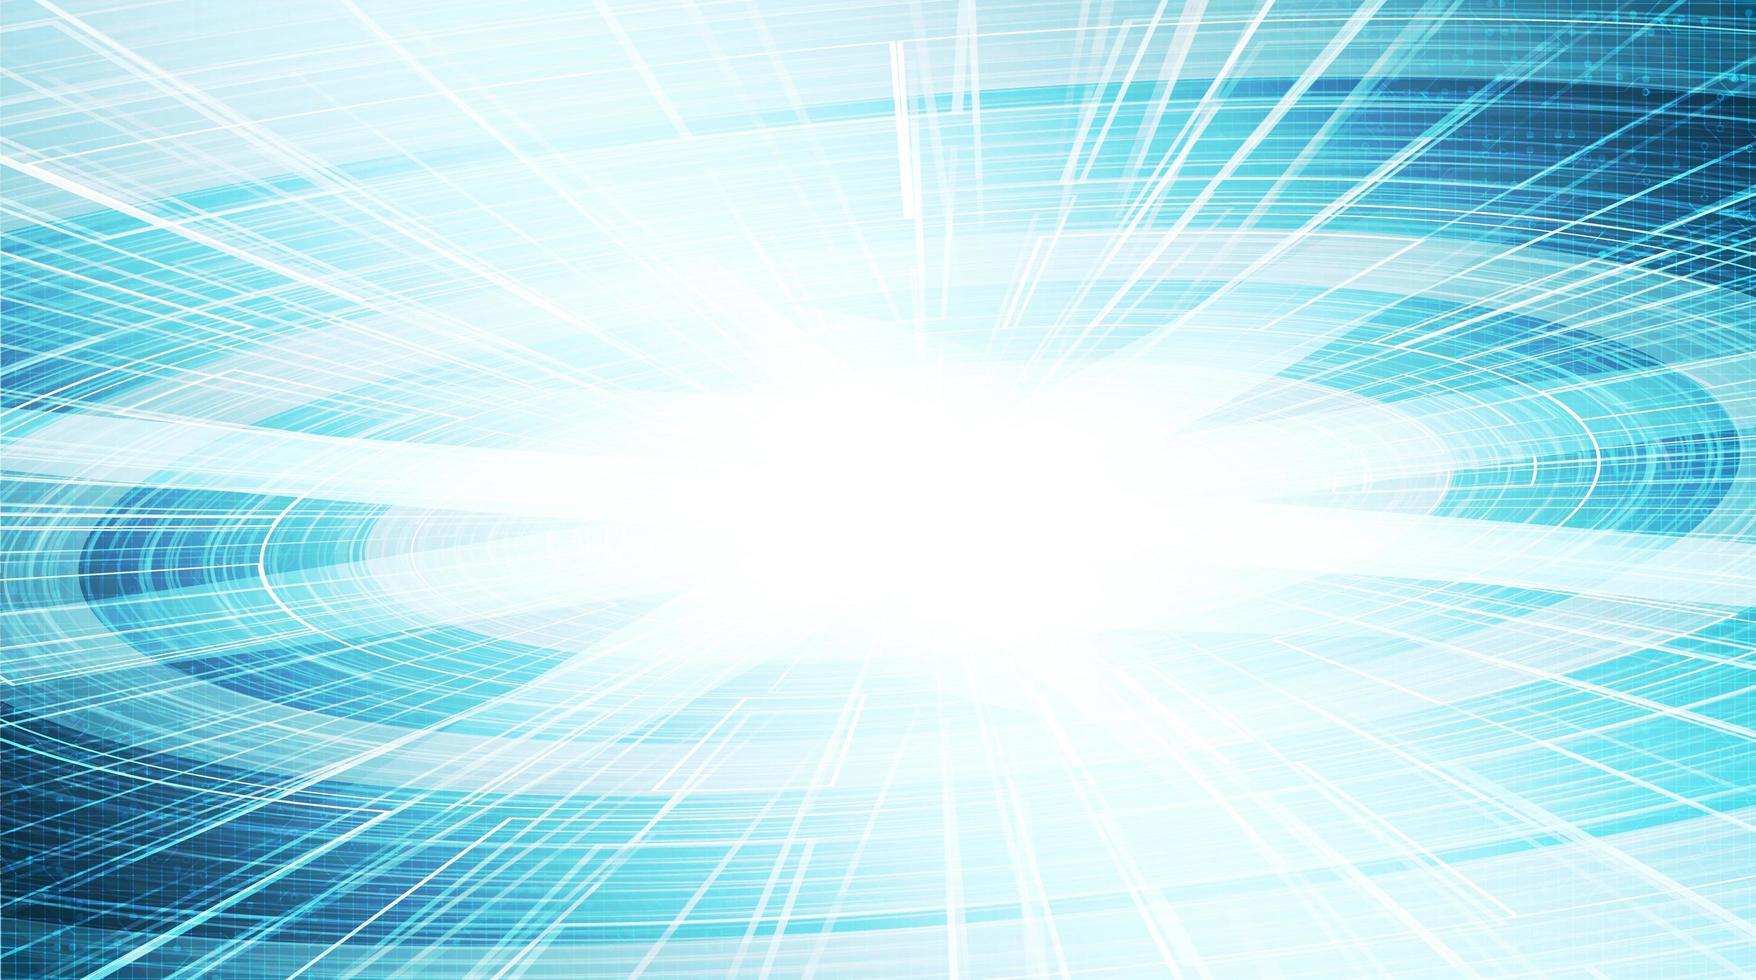 sfondo tecnologia cerchio luce, design digitale hi-tech e sicurezza vettore